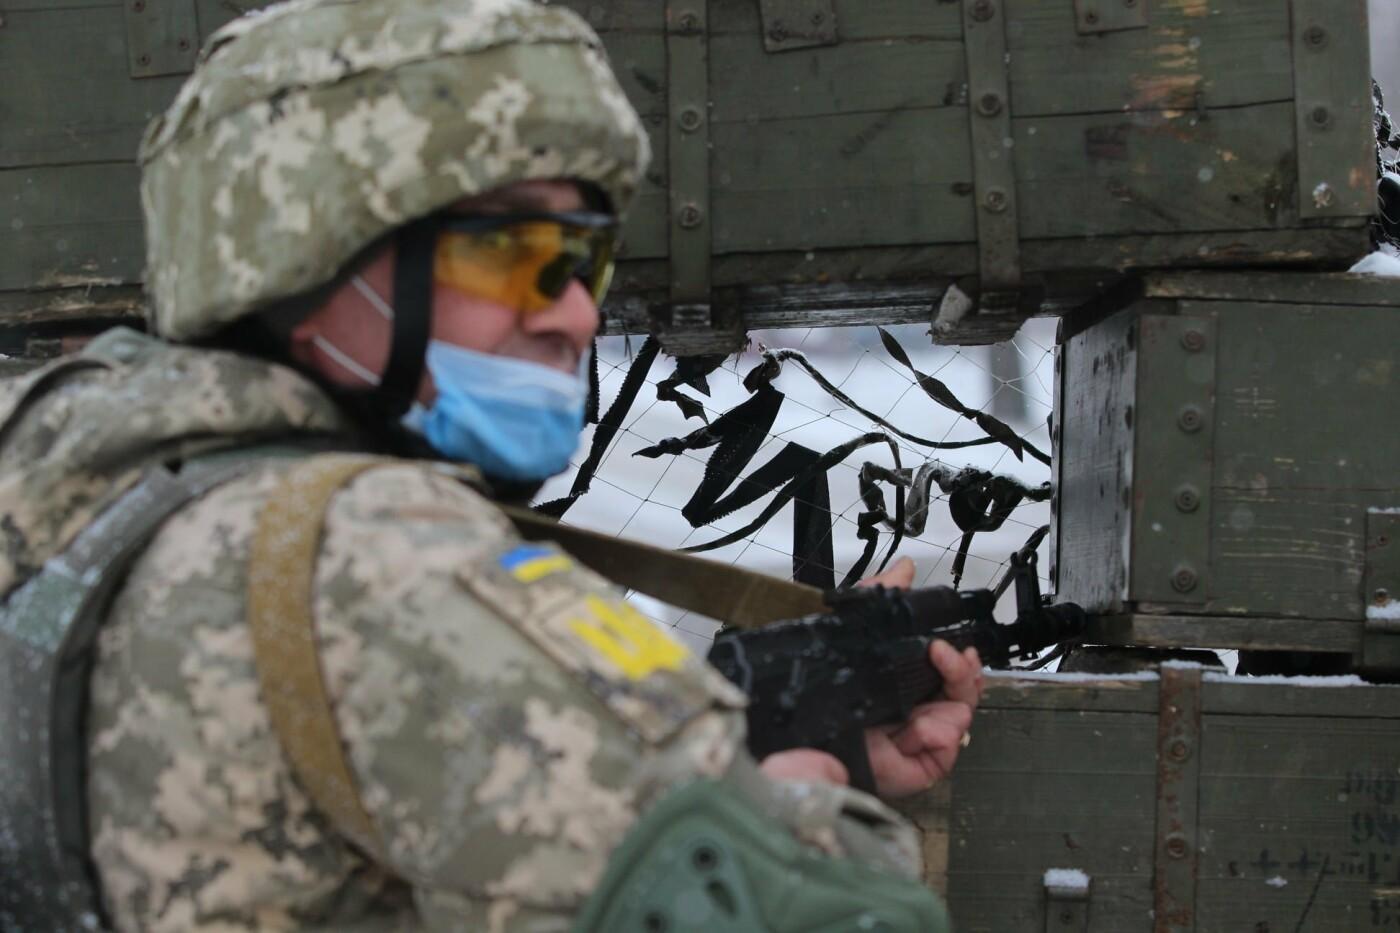 На Днепропетровщине военные освободили заложников, отбили штурм и задержали воров, - ФОТО, фото-2